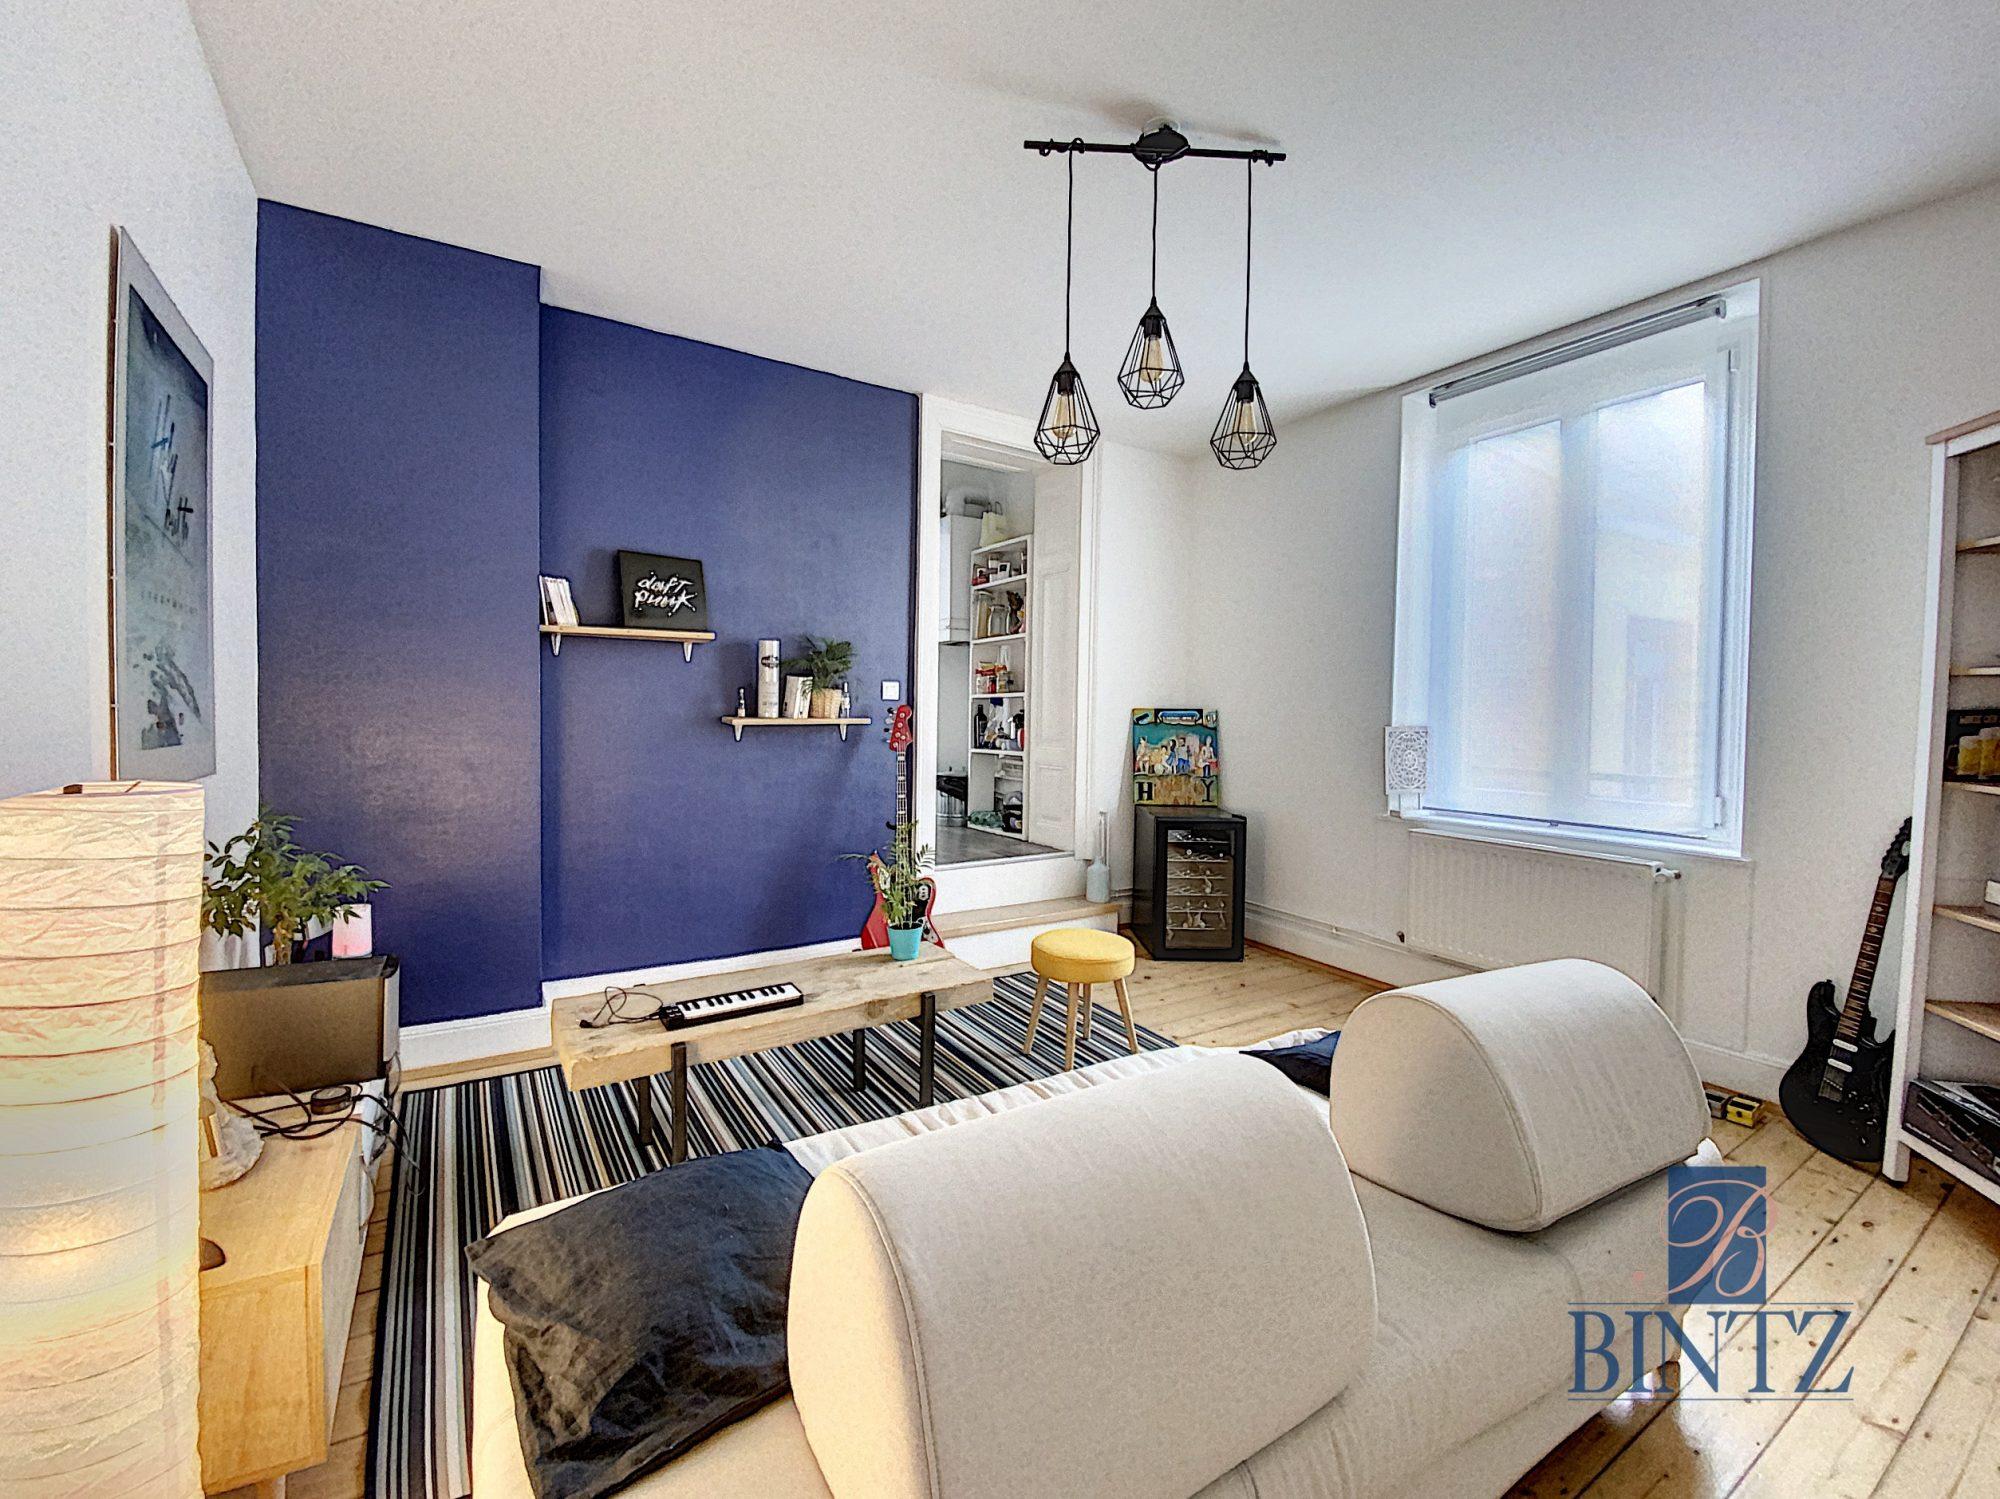 BEAU 2 PIÈCES CONTADES - Devenez locataire en toute sérénité - Bintz Immobilier - 1